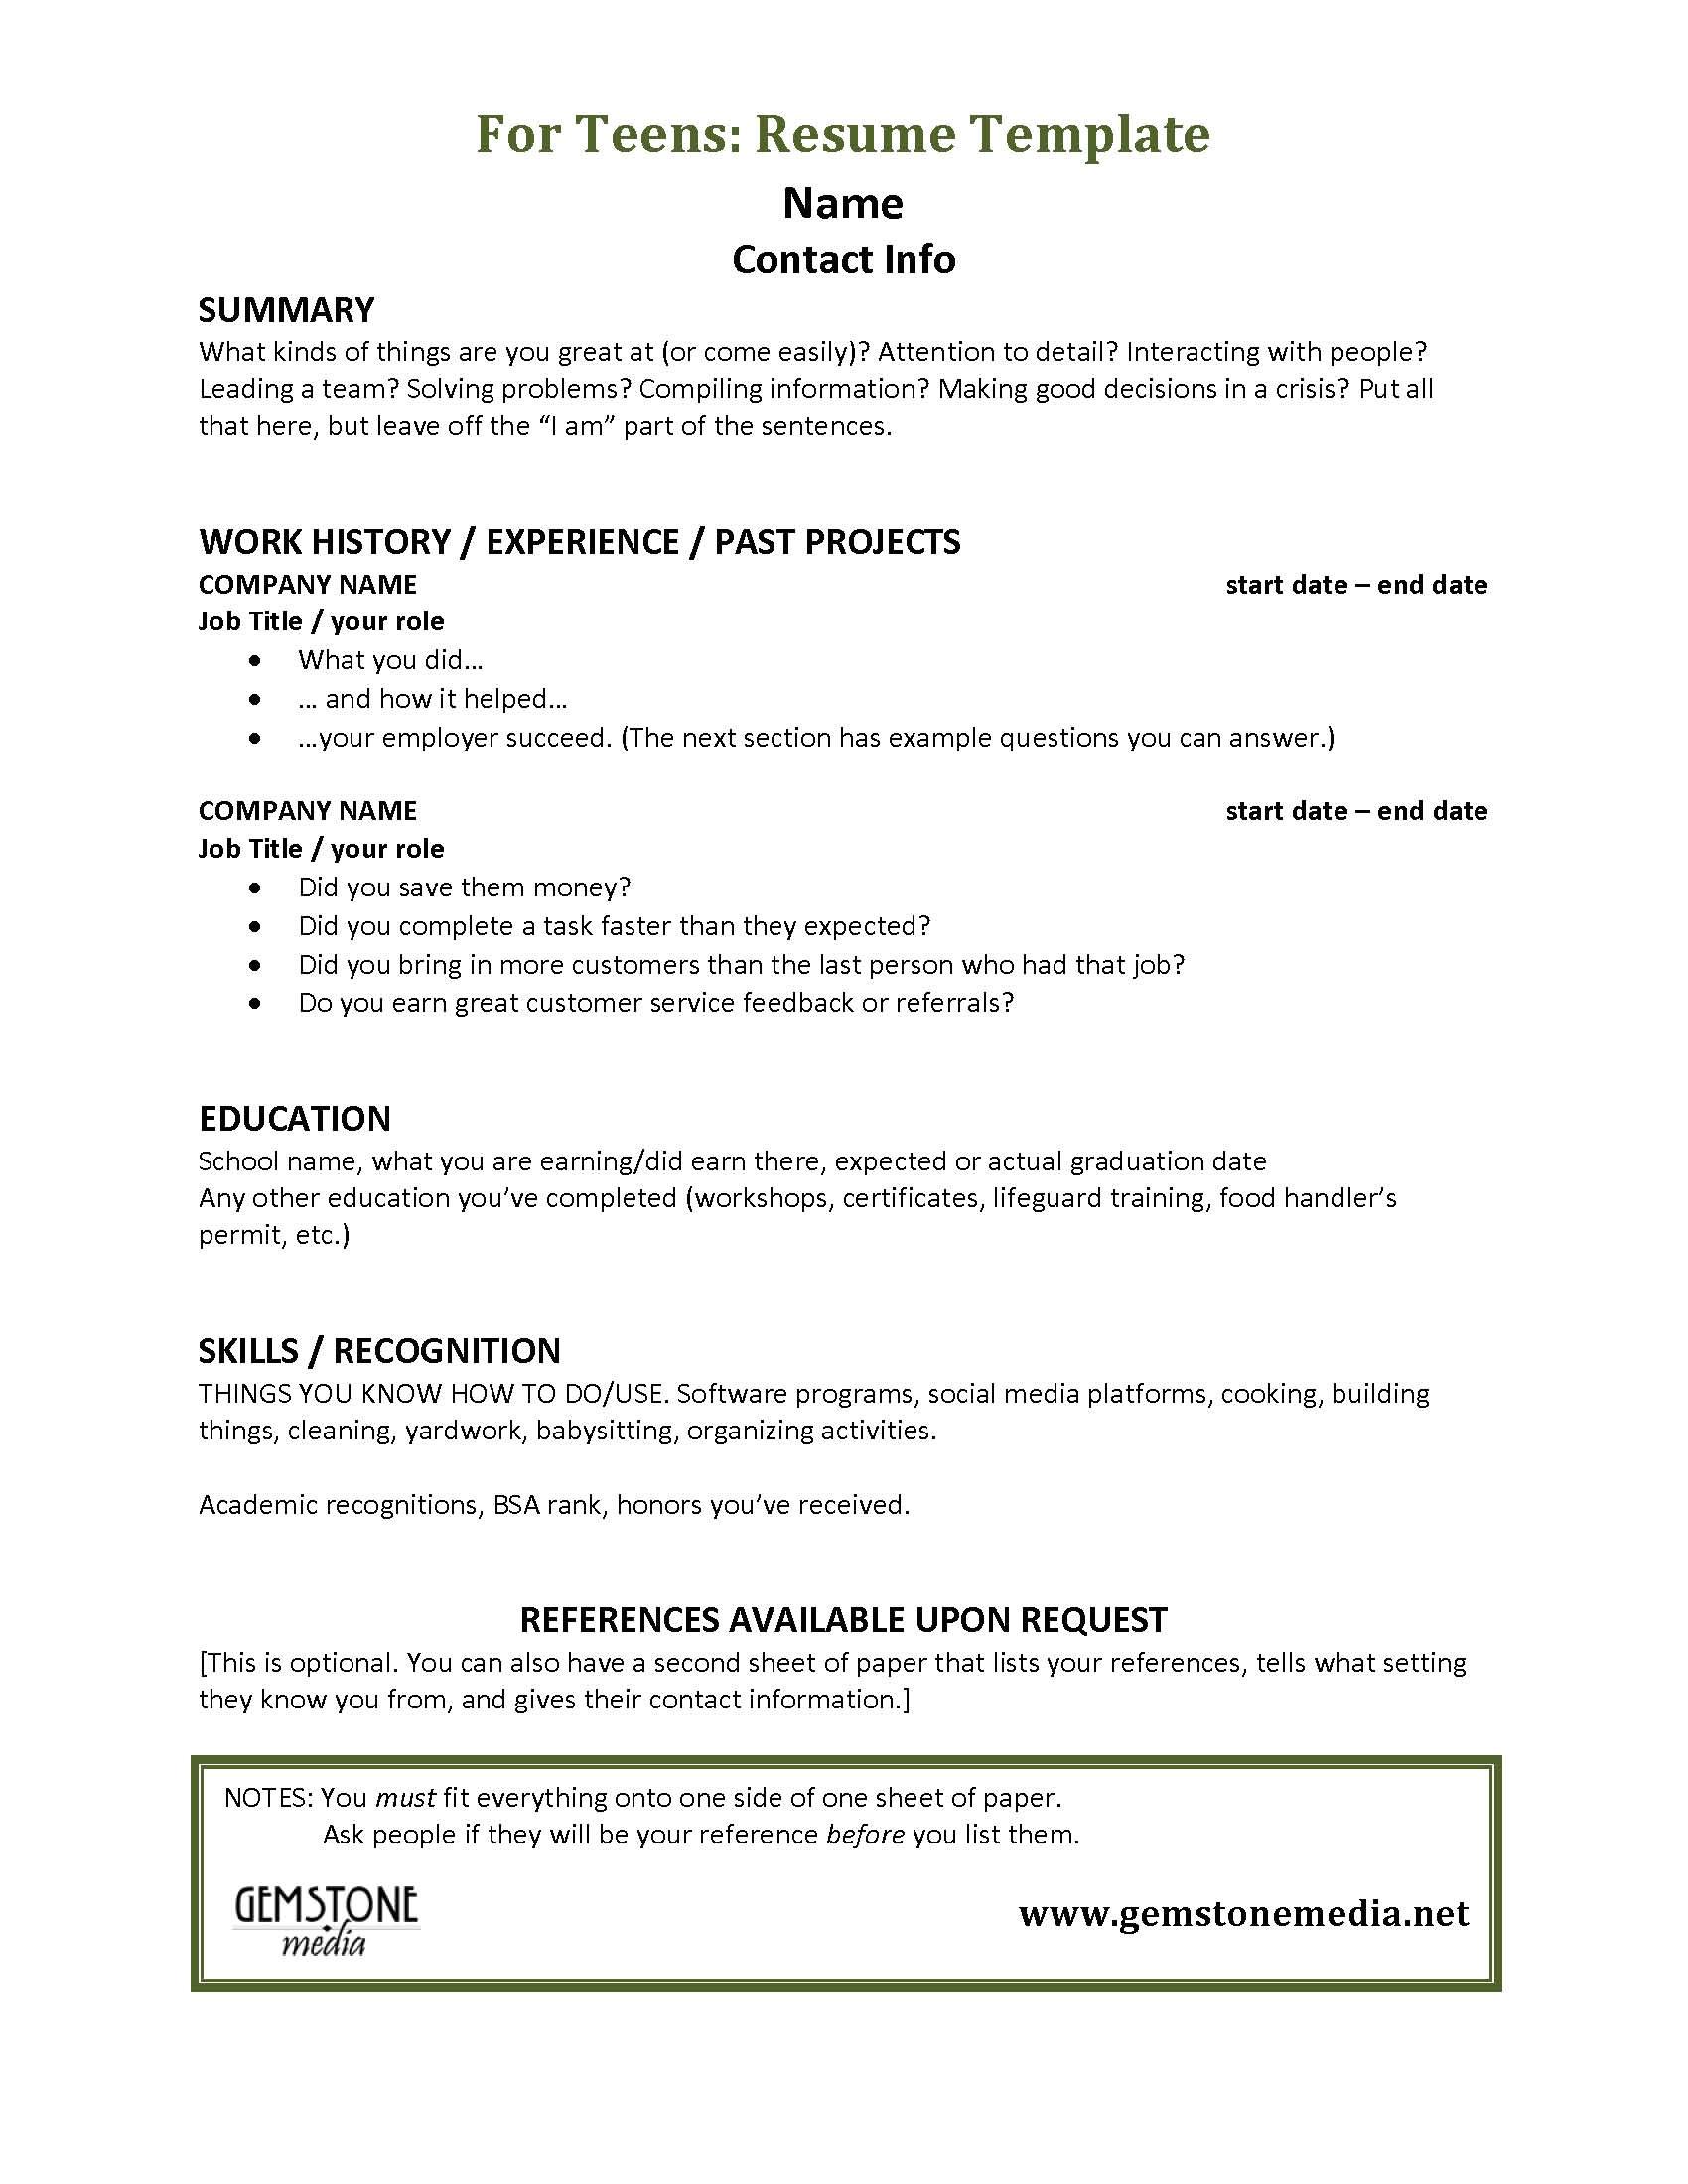 Resume Samples for Teenage Jobs Teen Job Hunting Helps Gemstone Media